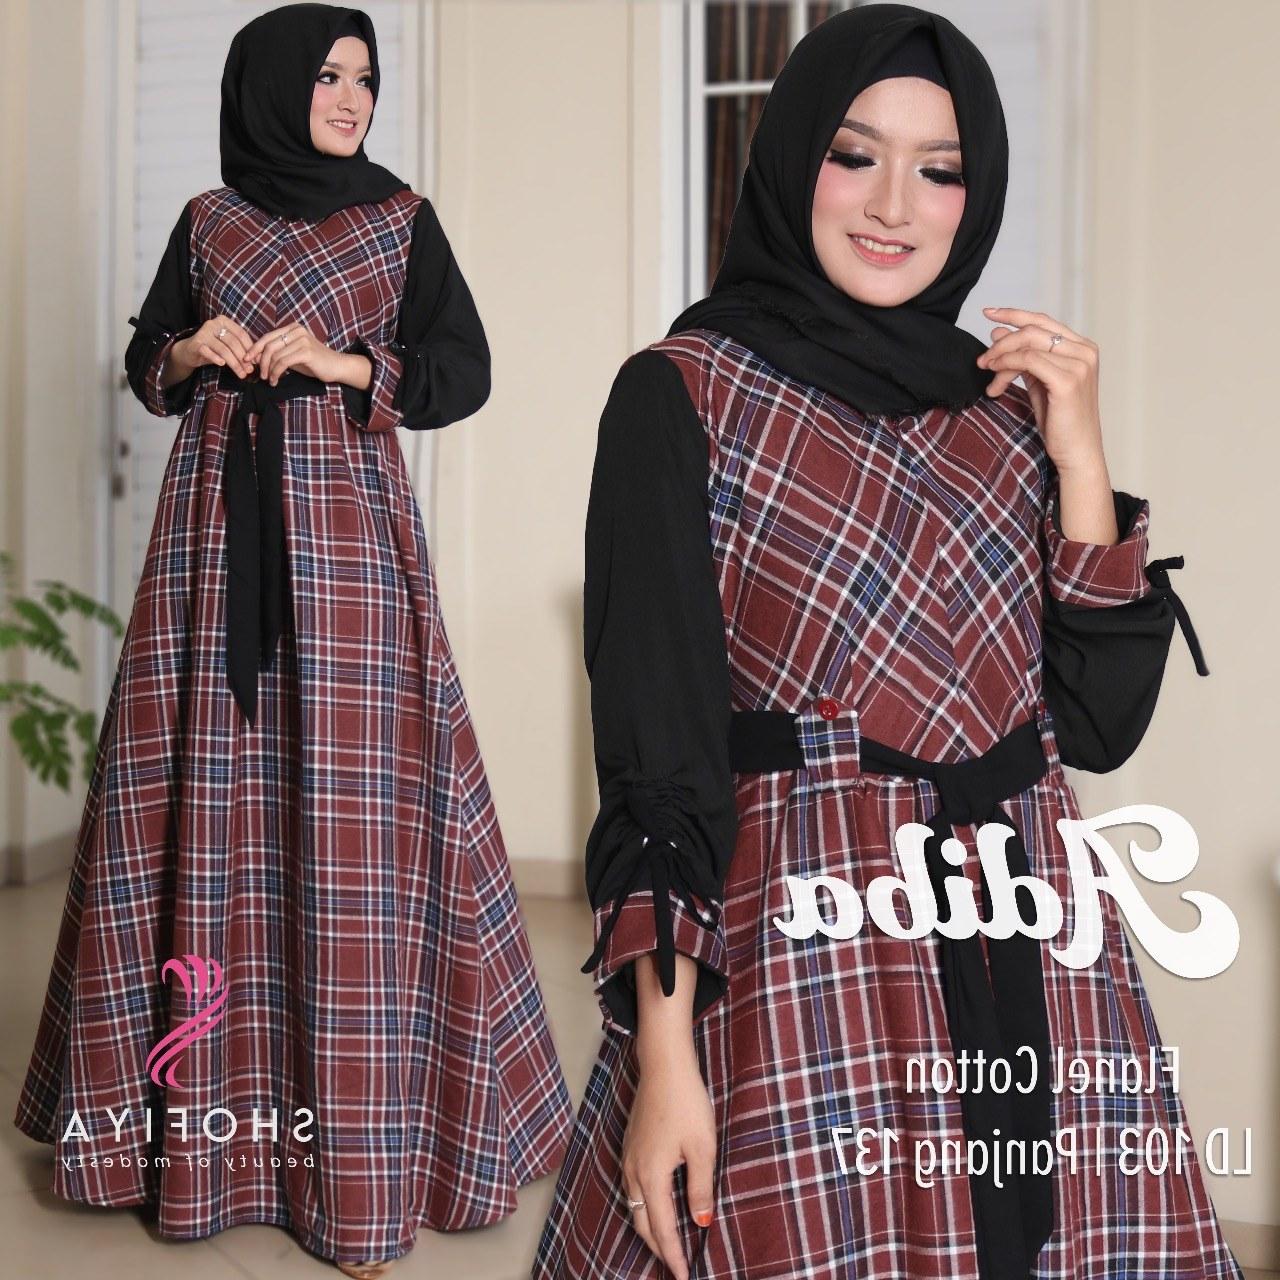 Model Trend Baju Lebaran Sekarang Gdd0 Baju Gamis Terbaru Lebaran Wa 0811 5131 482